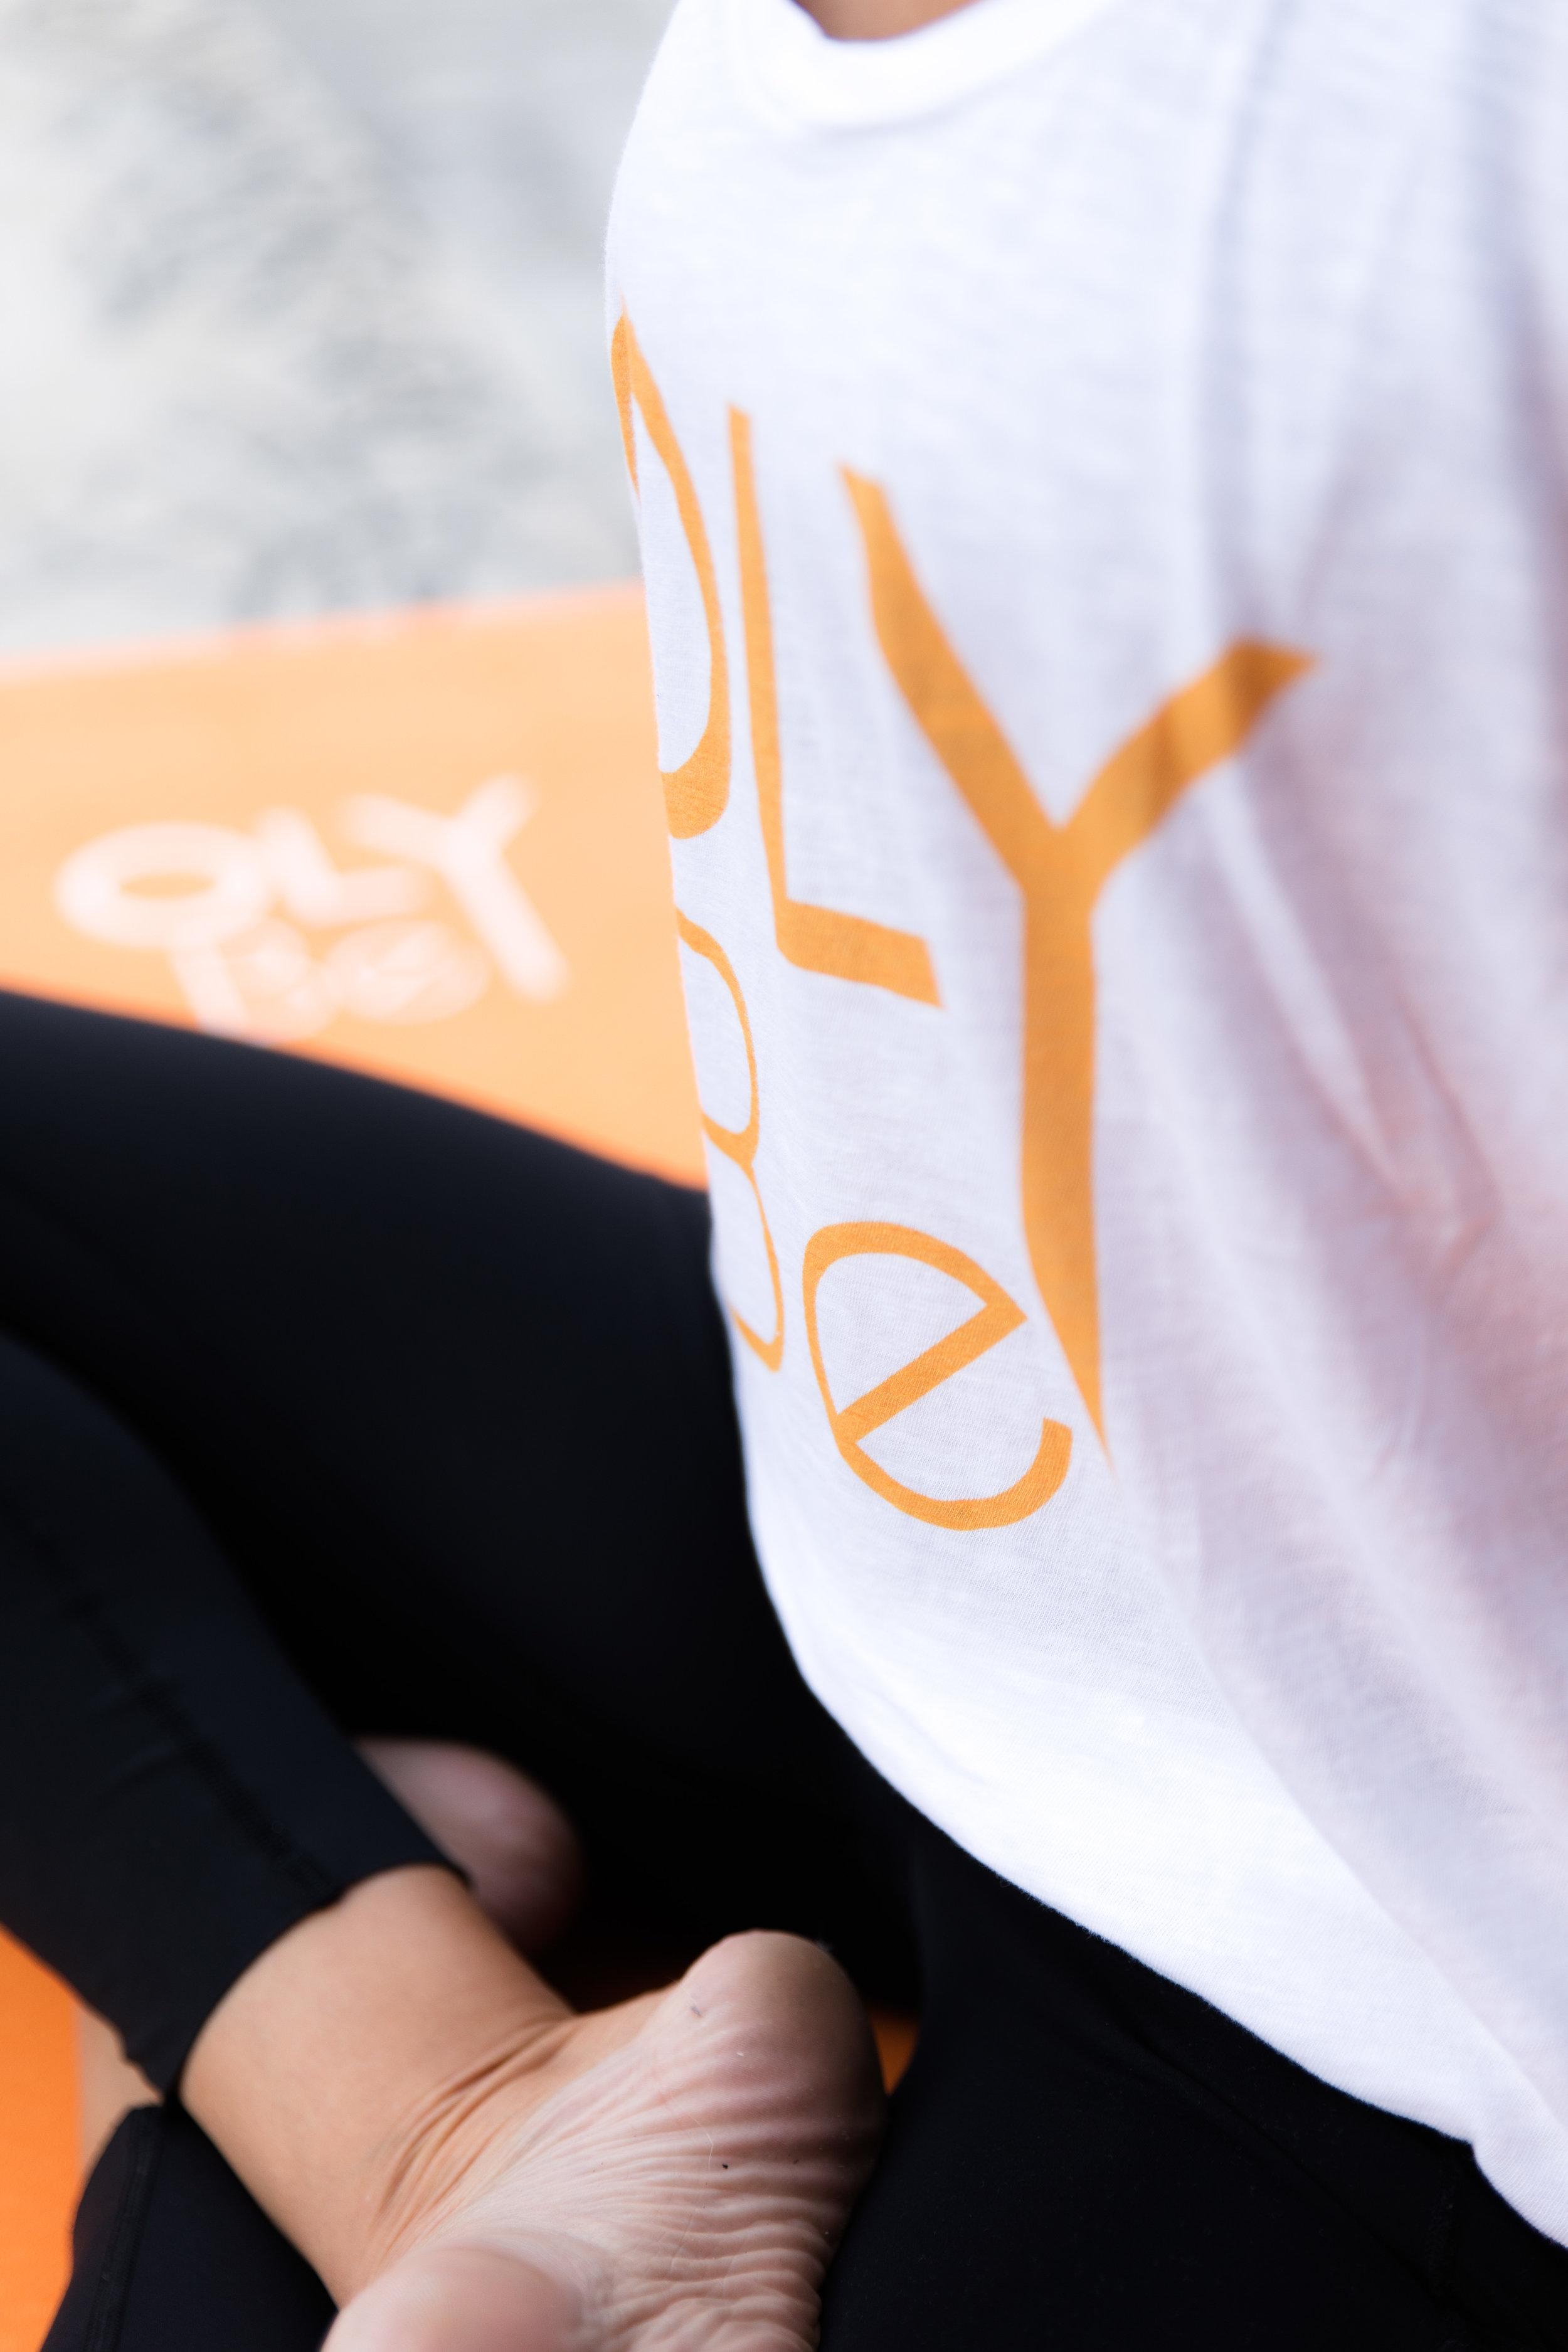 """Vous êtes débutant ? OLY Be est fait pour vous ! - Lorsque l'on débute le yoga ou le pilates, on est parfois un peu perdu dans l'offre de cours. Par quel cours démarrer ? Comment choisir le cours qui me conviendra en terme de difficulté et d'objectif ?Nous conseillons aux débutants de choisir les cours de Yoga Soft Energy ou de Yoga Cocooning pour leur première expérience yoga.Globalement, le mieux est de sélectionner les cours indiqués comme étant """"tous niveaux"""" dans notre offre de cours.💥 OFFRE SPÉCIALE POUR DÉMARRER💥Le pack découverte """"3 cours en 1 mois""""Tarif : 29,01€ soit 9,7€/cours3 cours à réaliser en 1 mois combinés à un suivi et des conseils personnalisés pour vous guider dans vos premiers pas de OLY Bees !"""